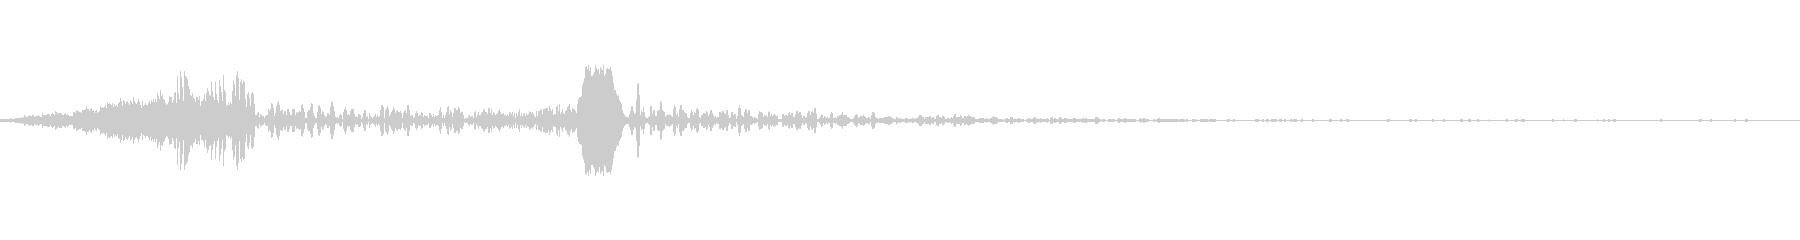 ロシアンルーレット、メタルスライド...の未再生の波形